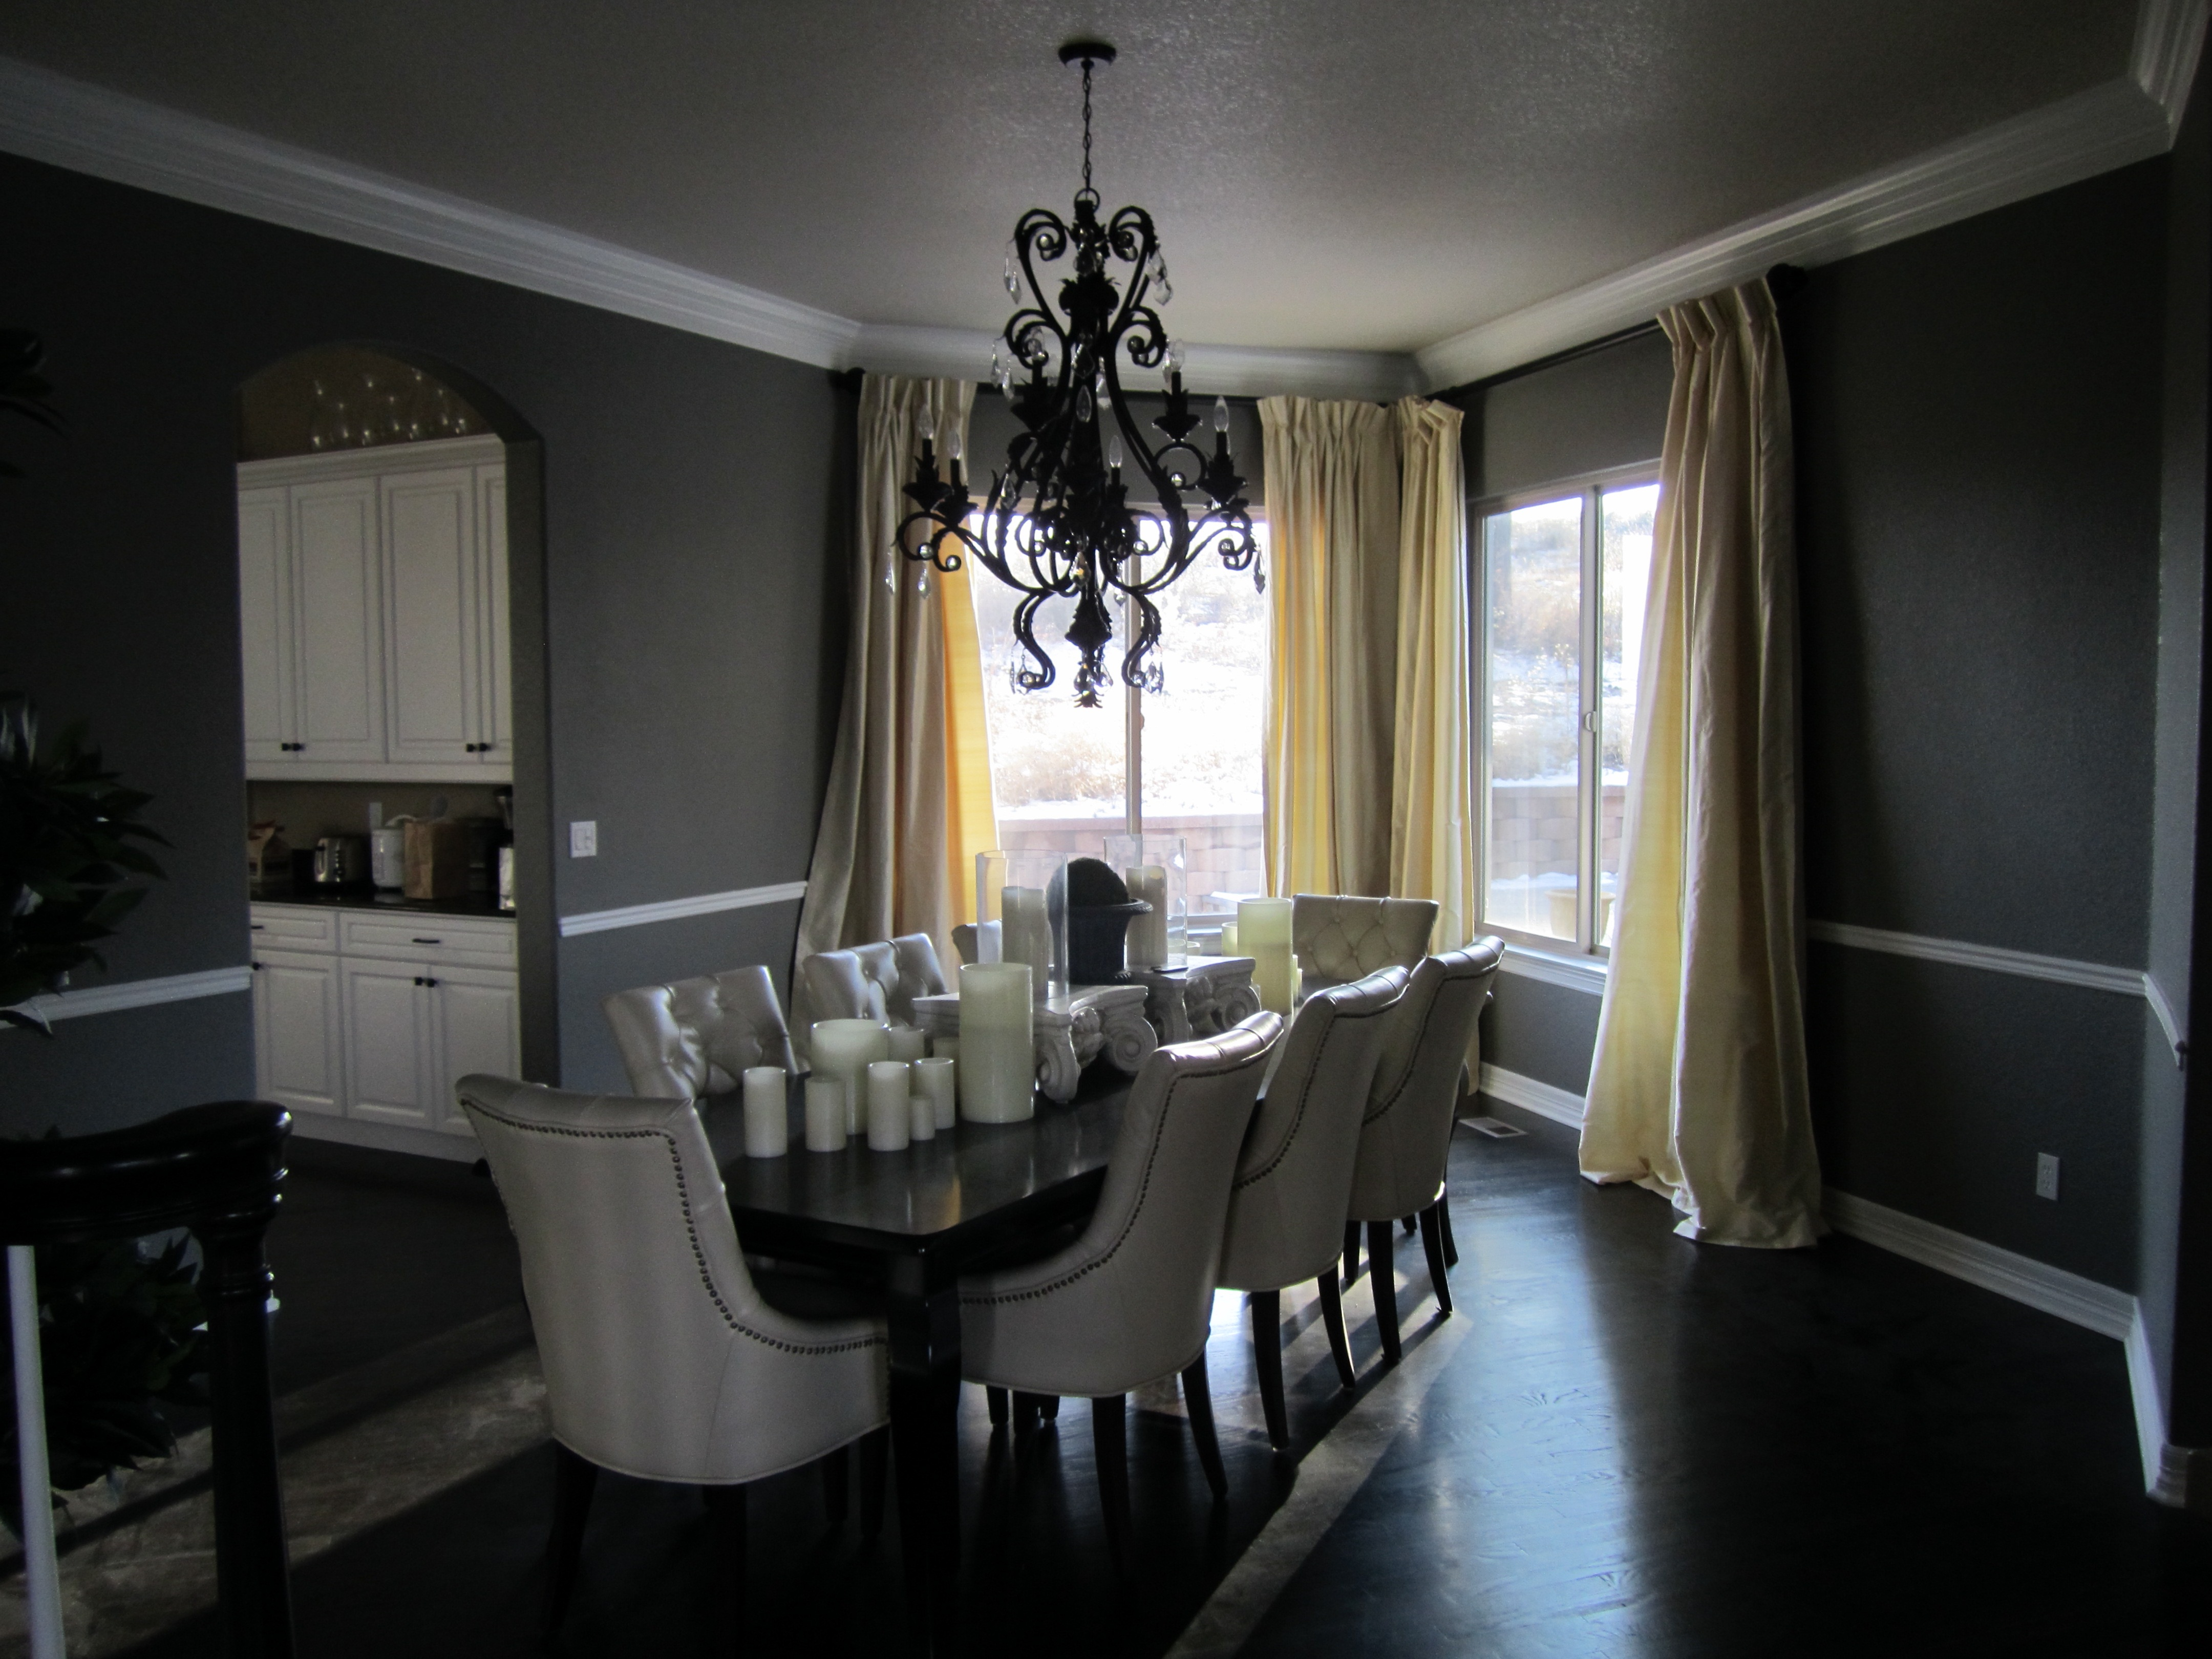 Vintage Black Black Chandelier For Dining Room Decor (Image 8 of 10)